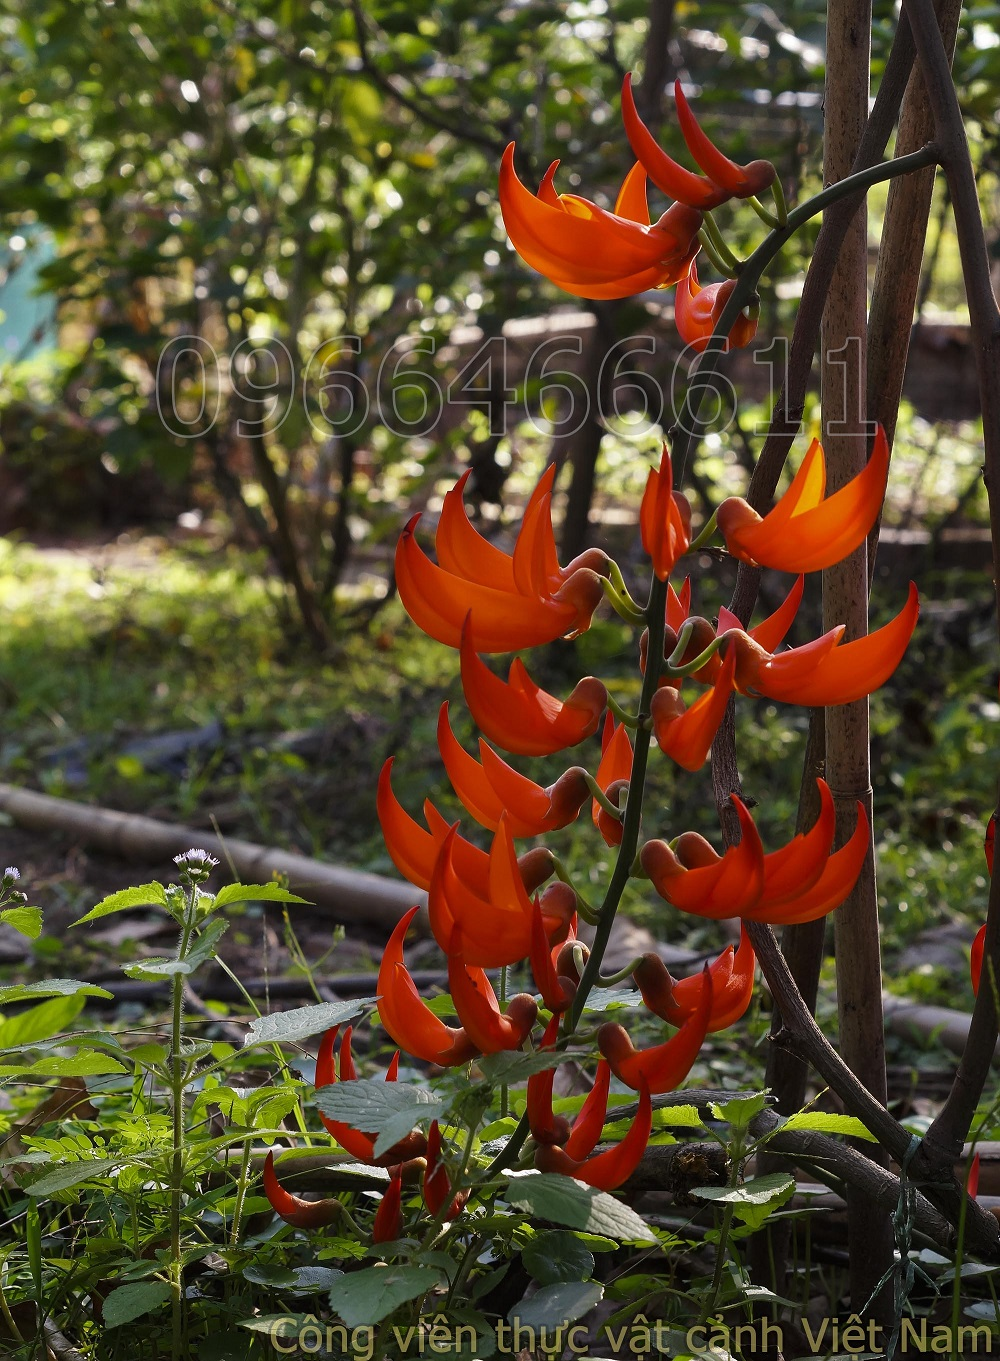 Hoa ngọc bích đỏ (red jade vine)